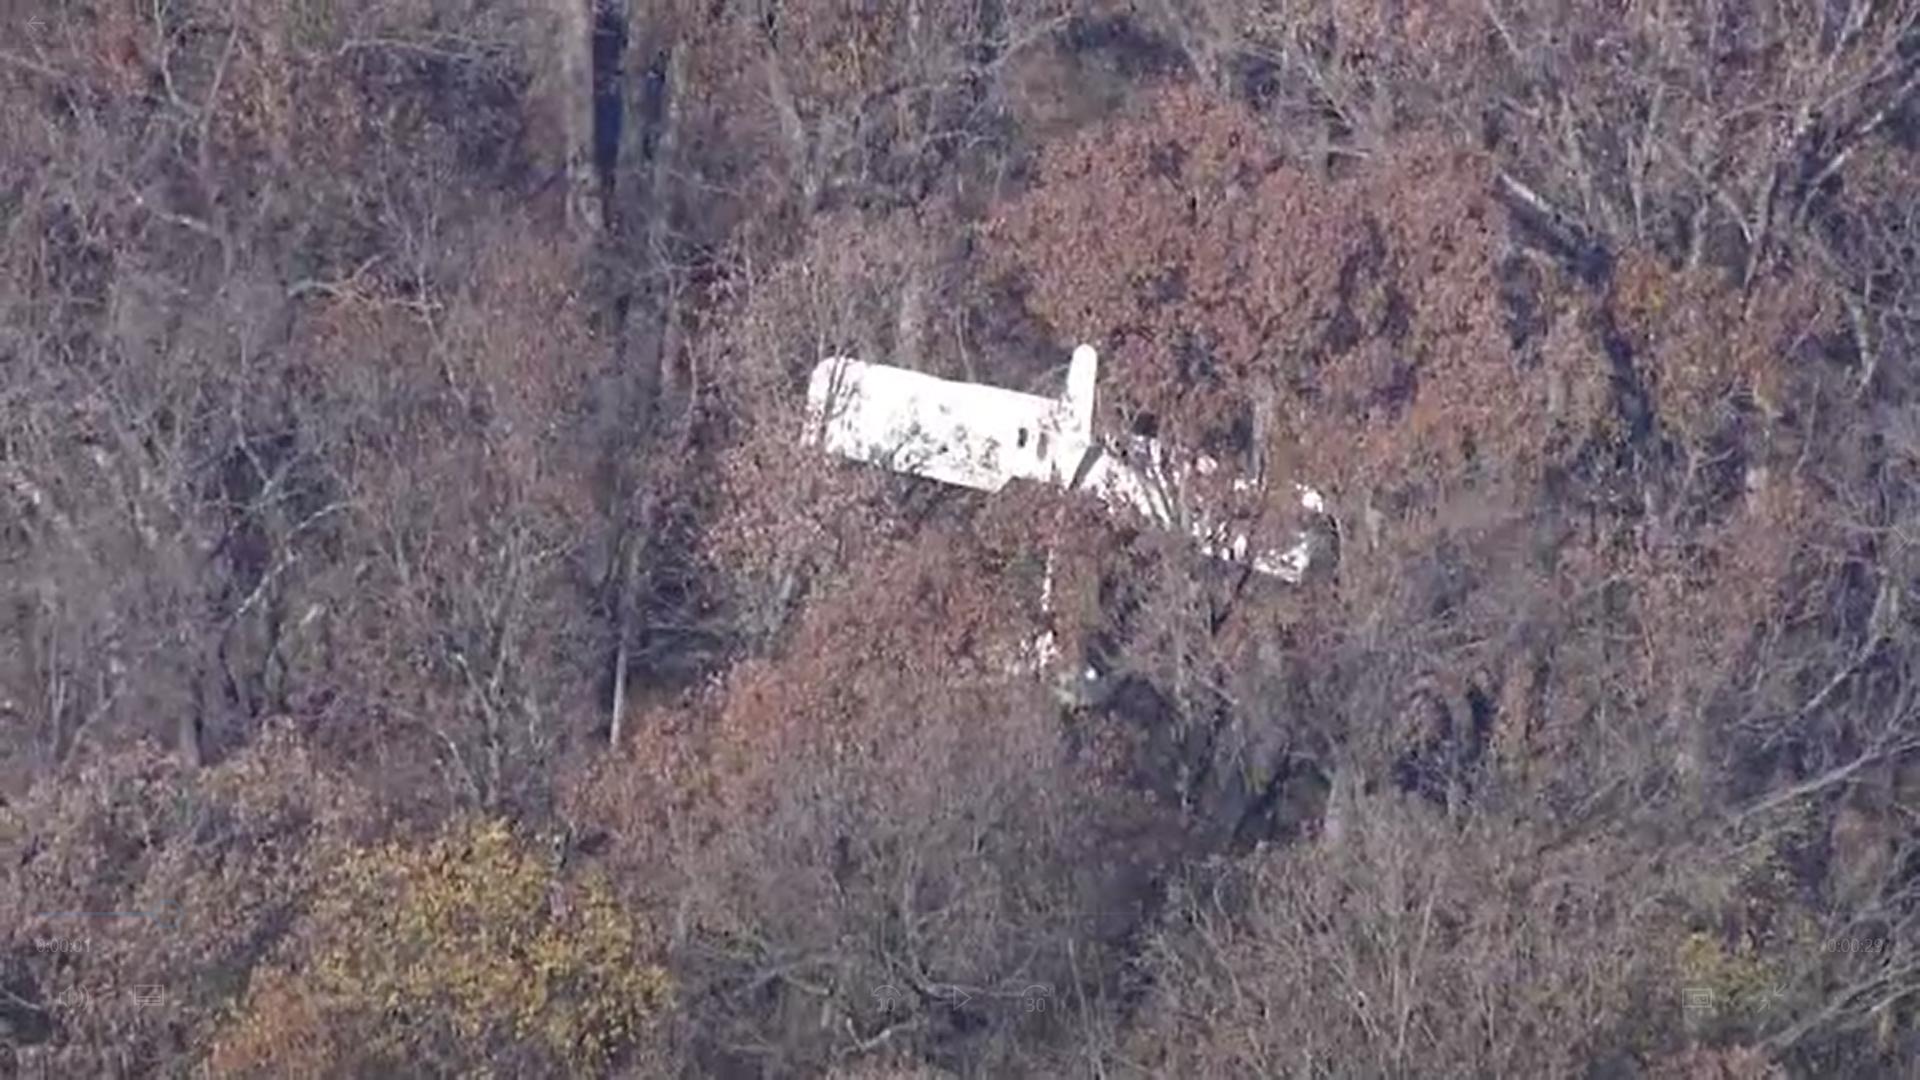 Un pilot din Missouri, SUA, a aterizat forțat cu avionul într-un copac